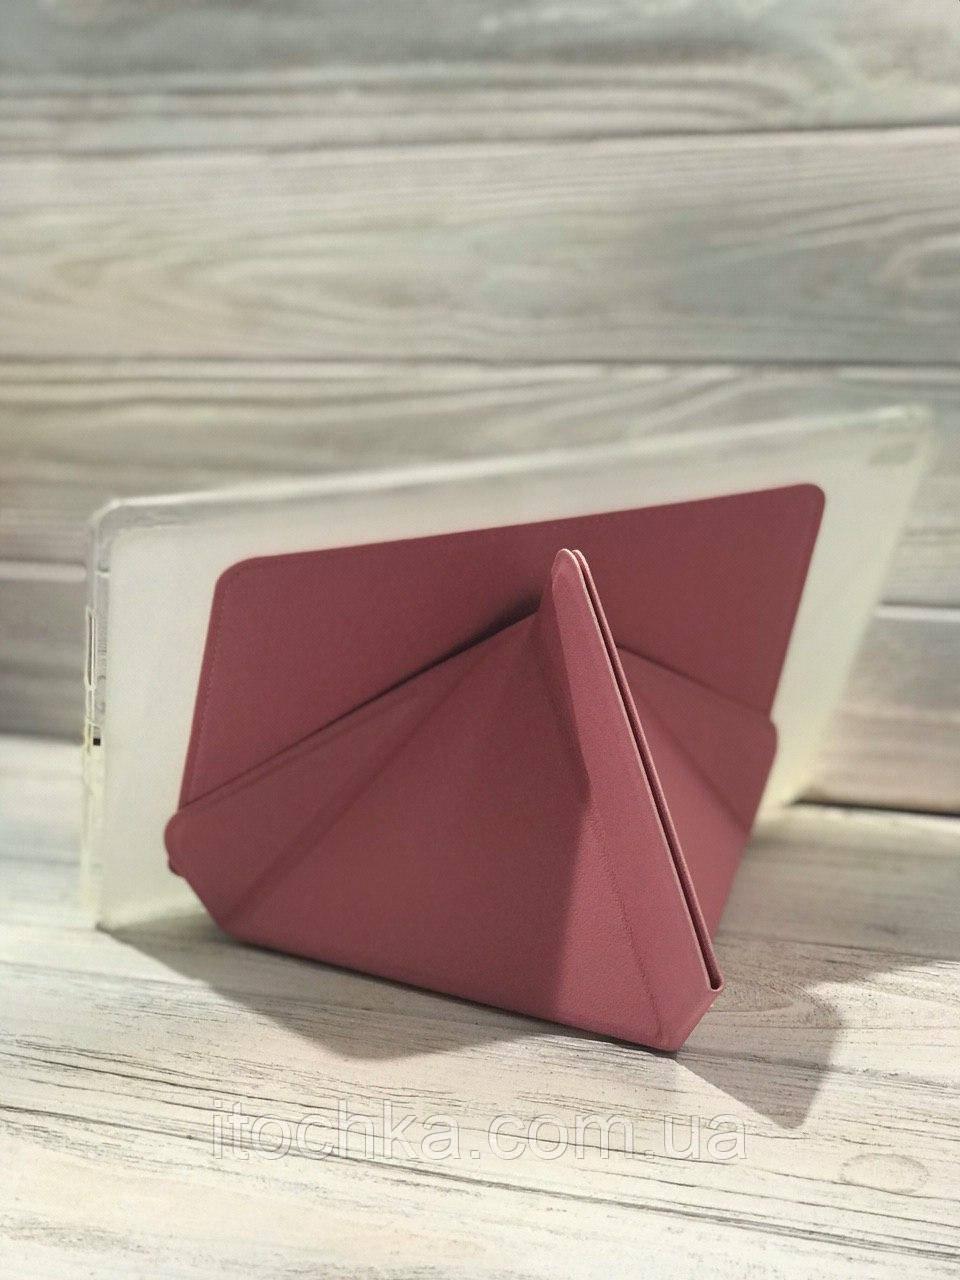 Чехол iMAX для iPad Pro 9.7 Pink